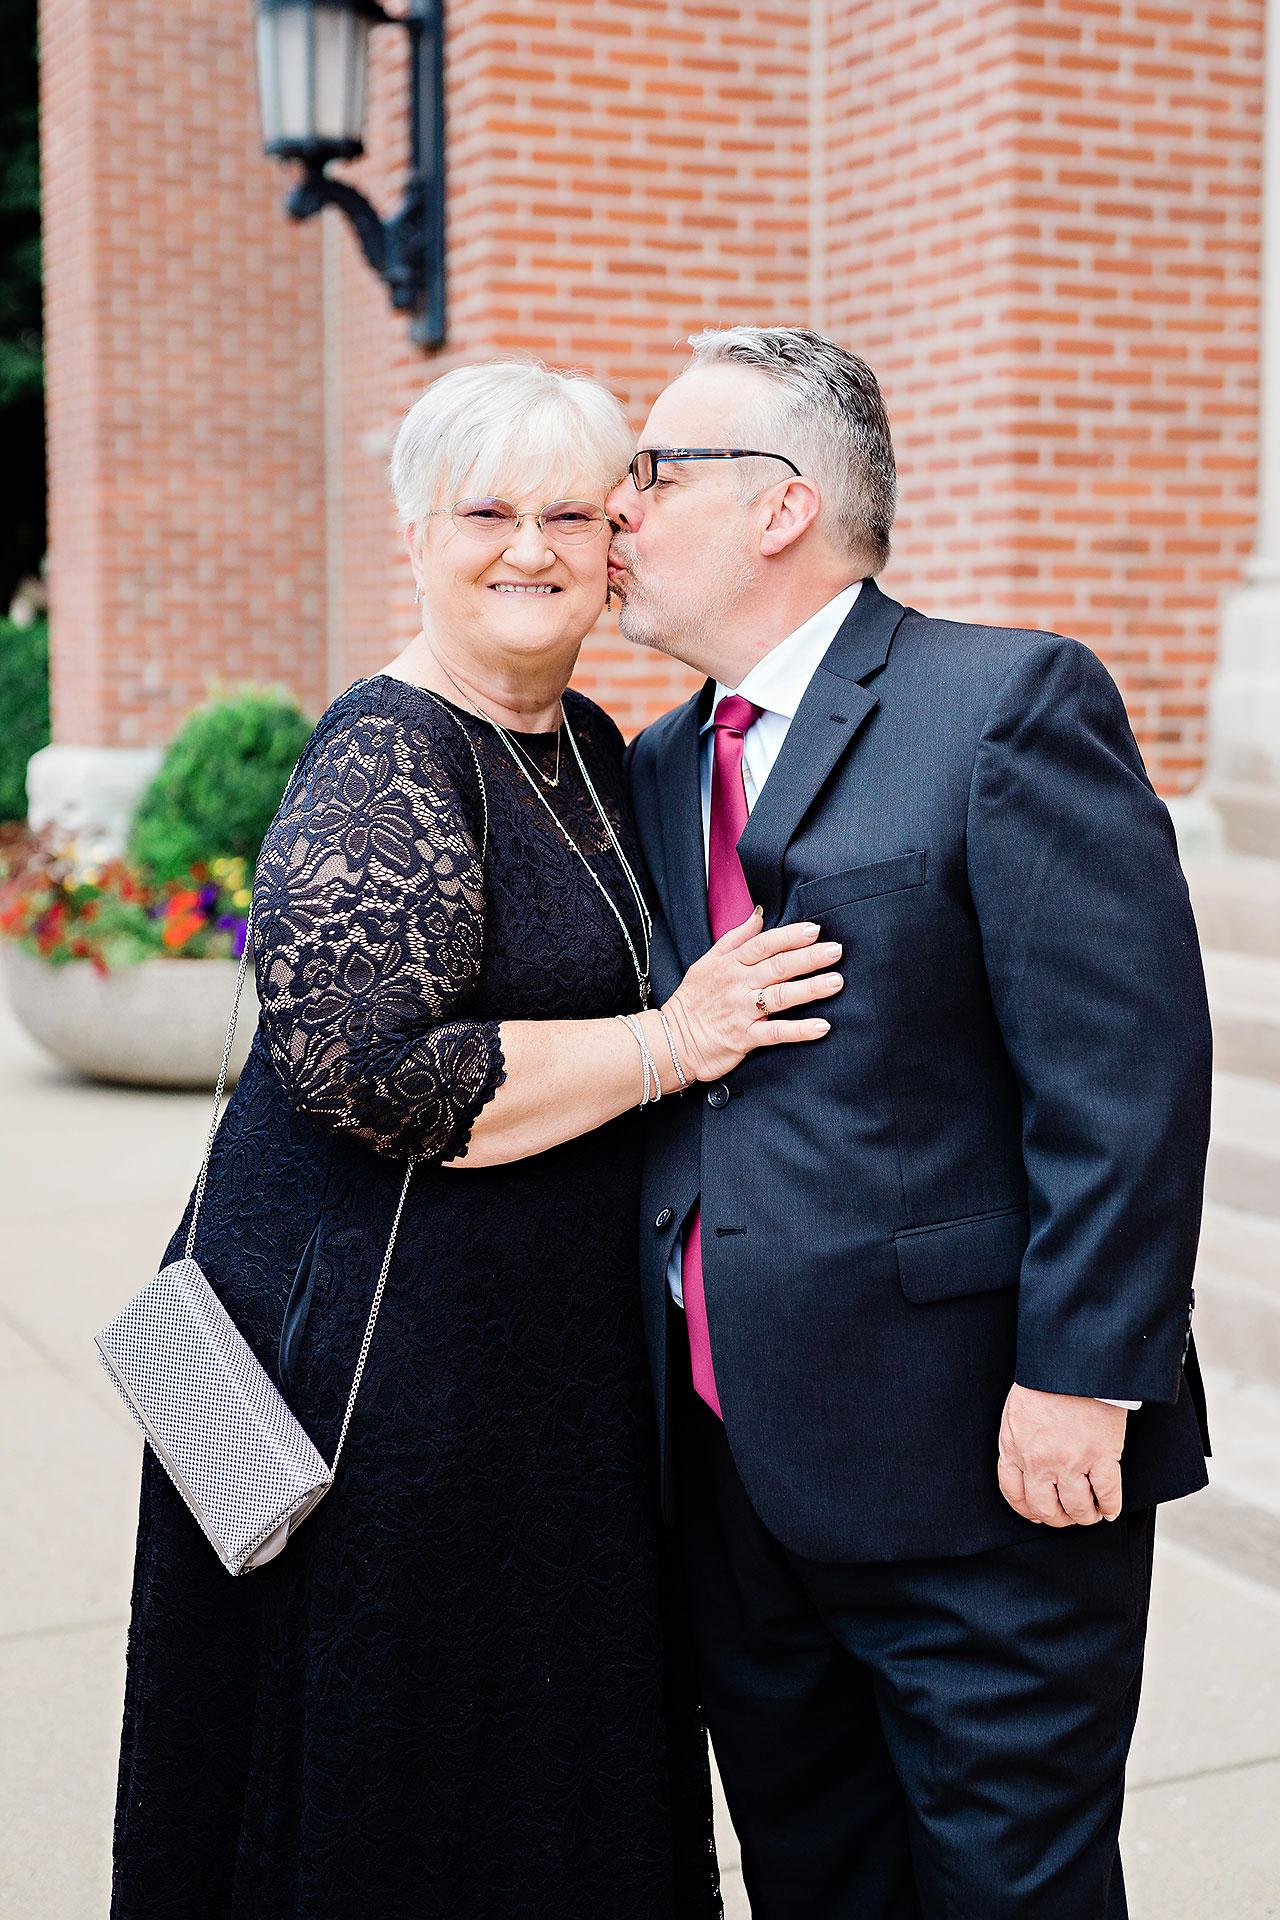 Kara Sean Fountain Square Theater Indianapolis Wedding 107